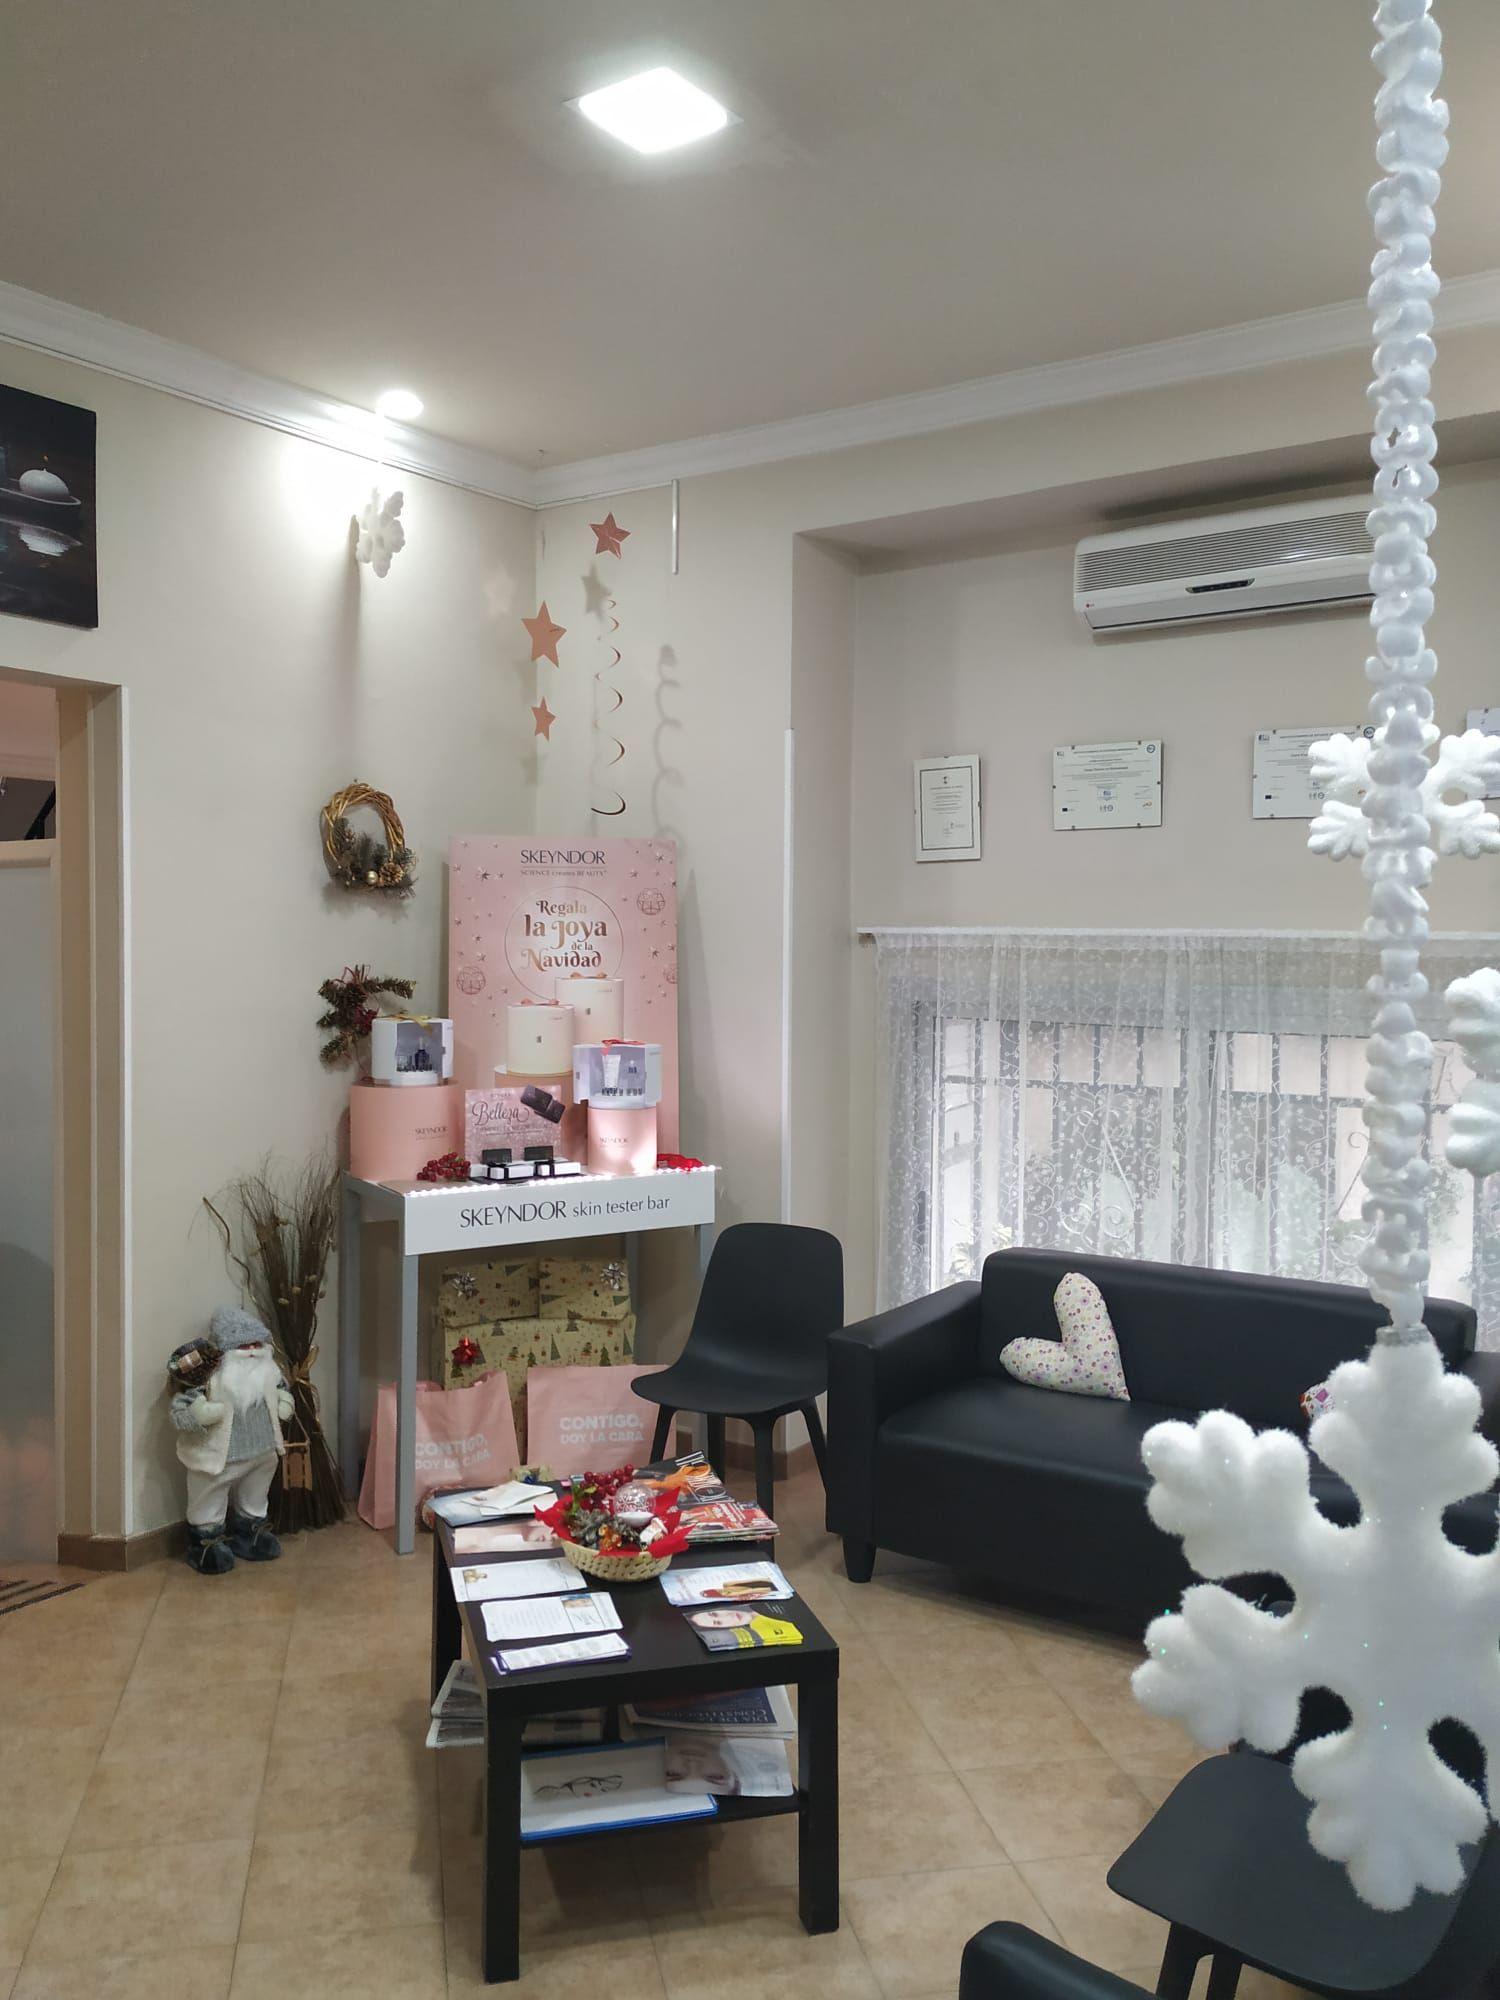 Foto 12 de Centro de bienestar y salud en Antequera | Centro Bienestar y Salud Cayma